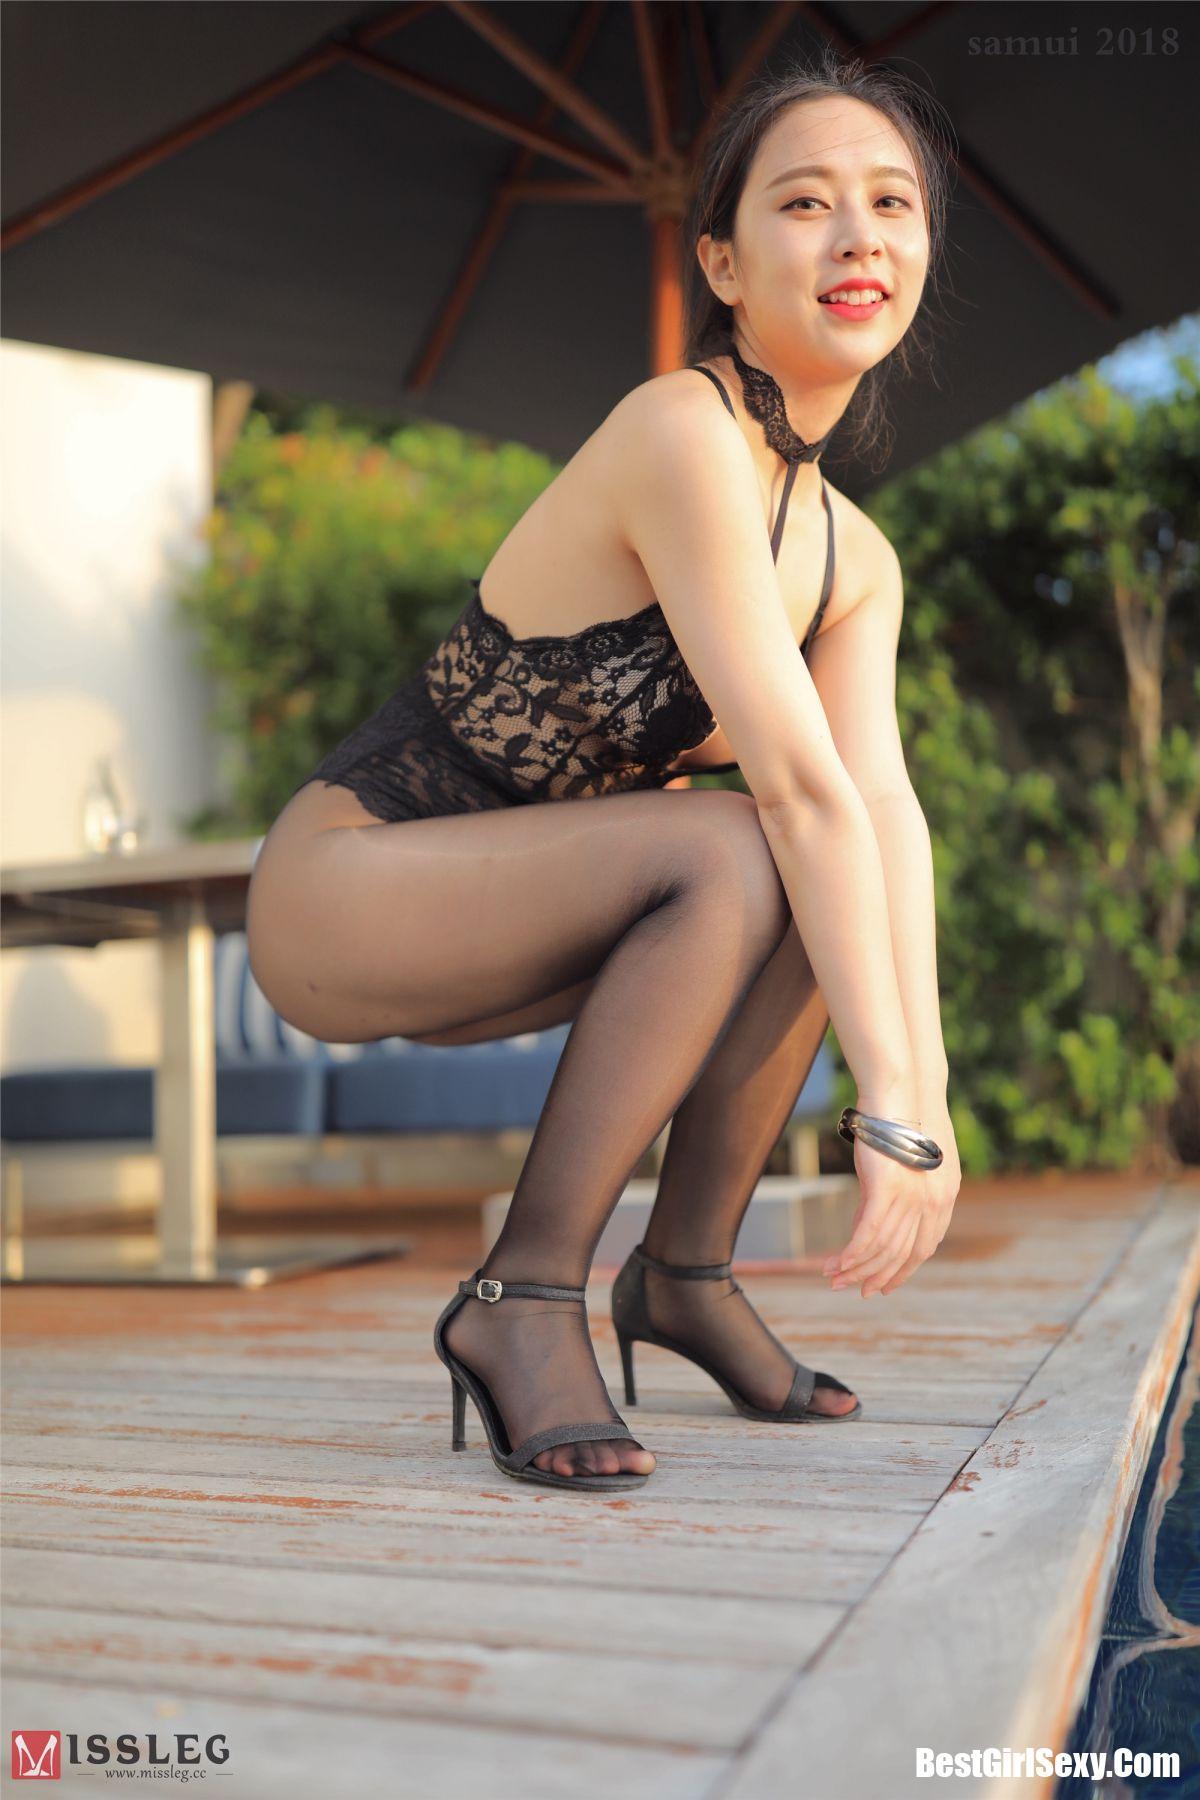 乔依琳, Qiao Yi Lin, MISSLEG蜜丝 L003 Qiao Yi Lin, MISSLEG蜜丝 L003